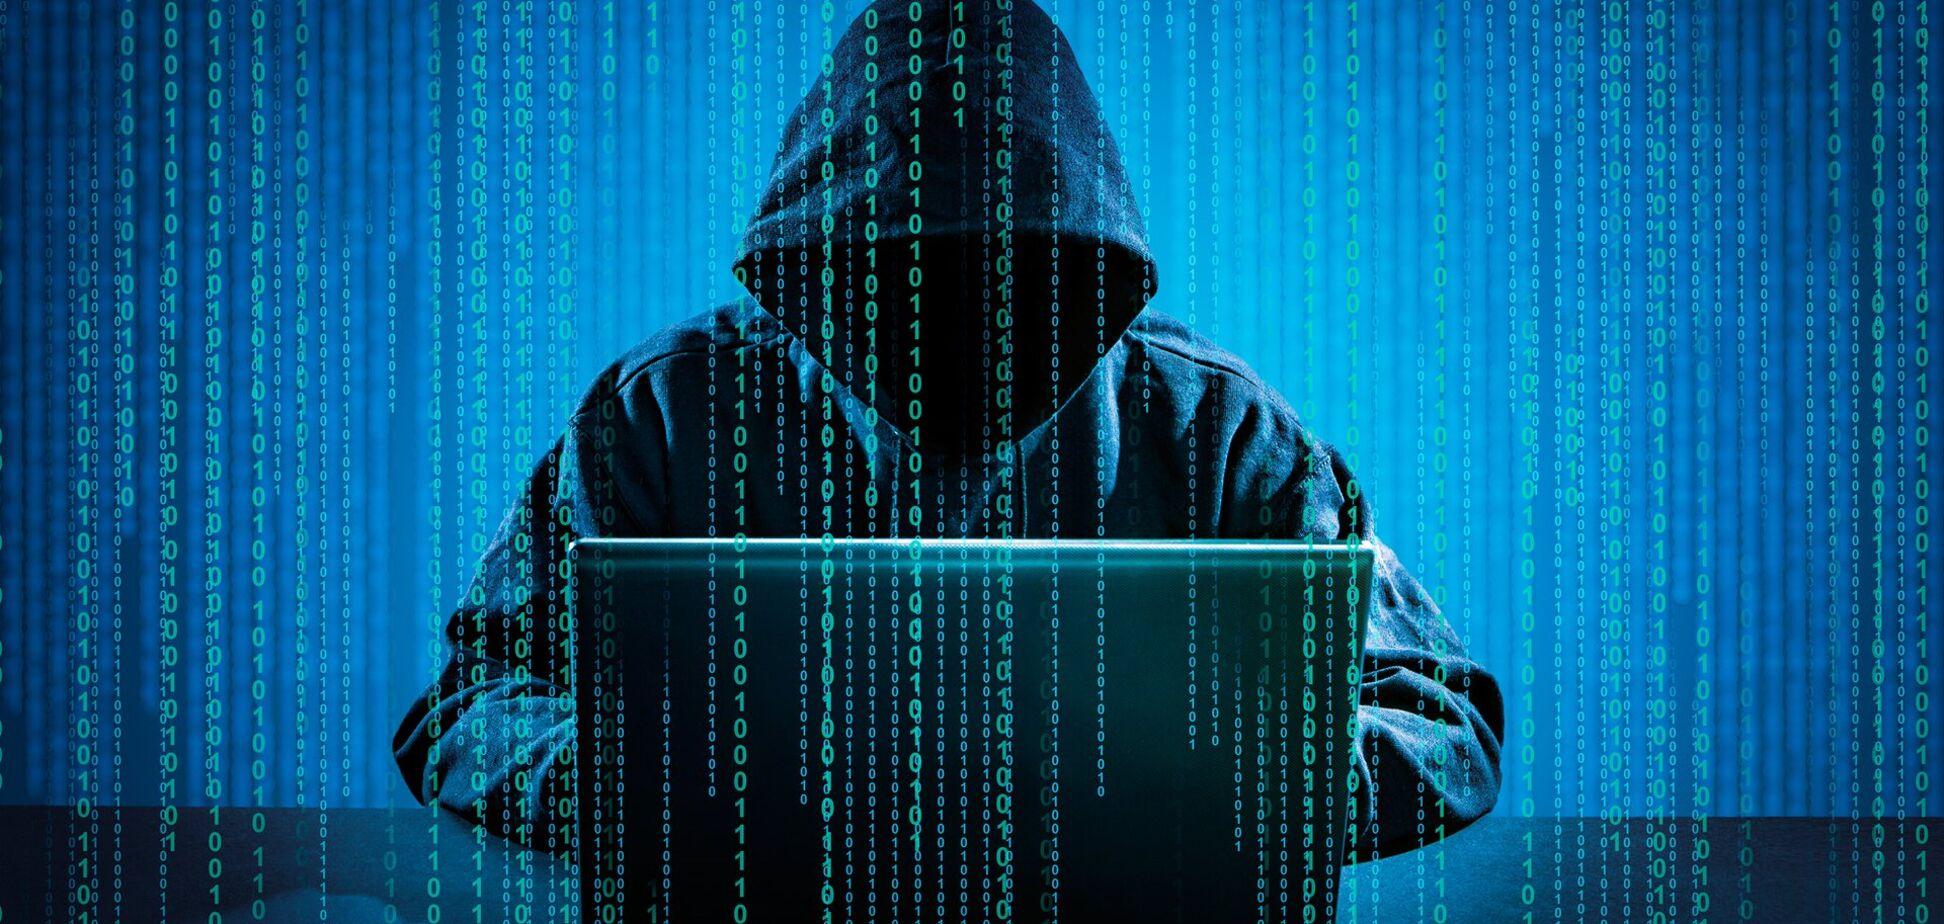 Российских кибердиверсантов поймали на вмешательстве в выборы США: у Путина ответили